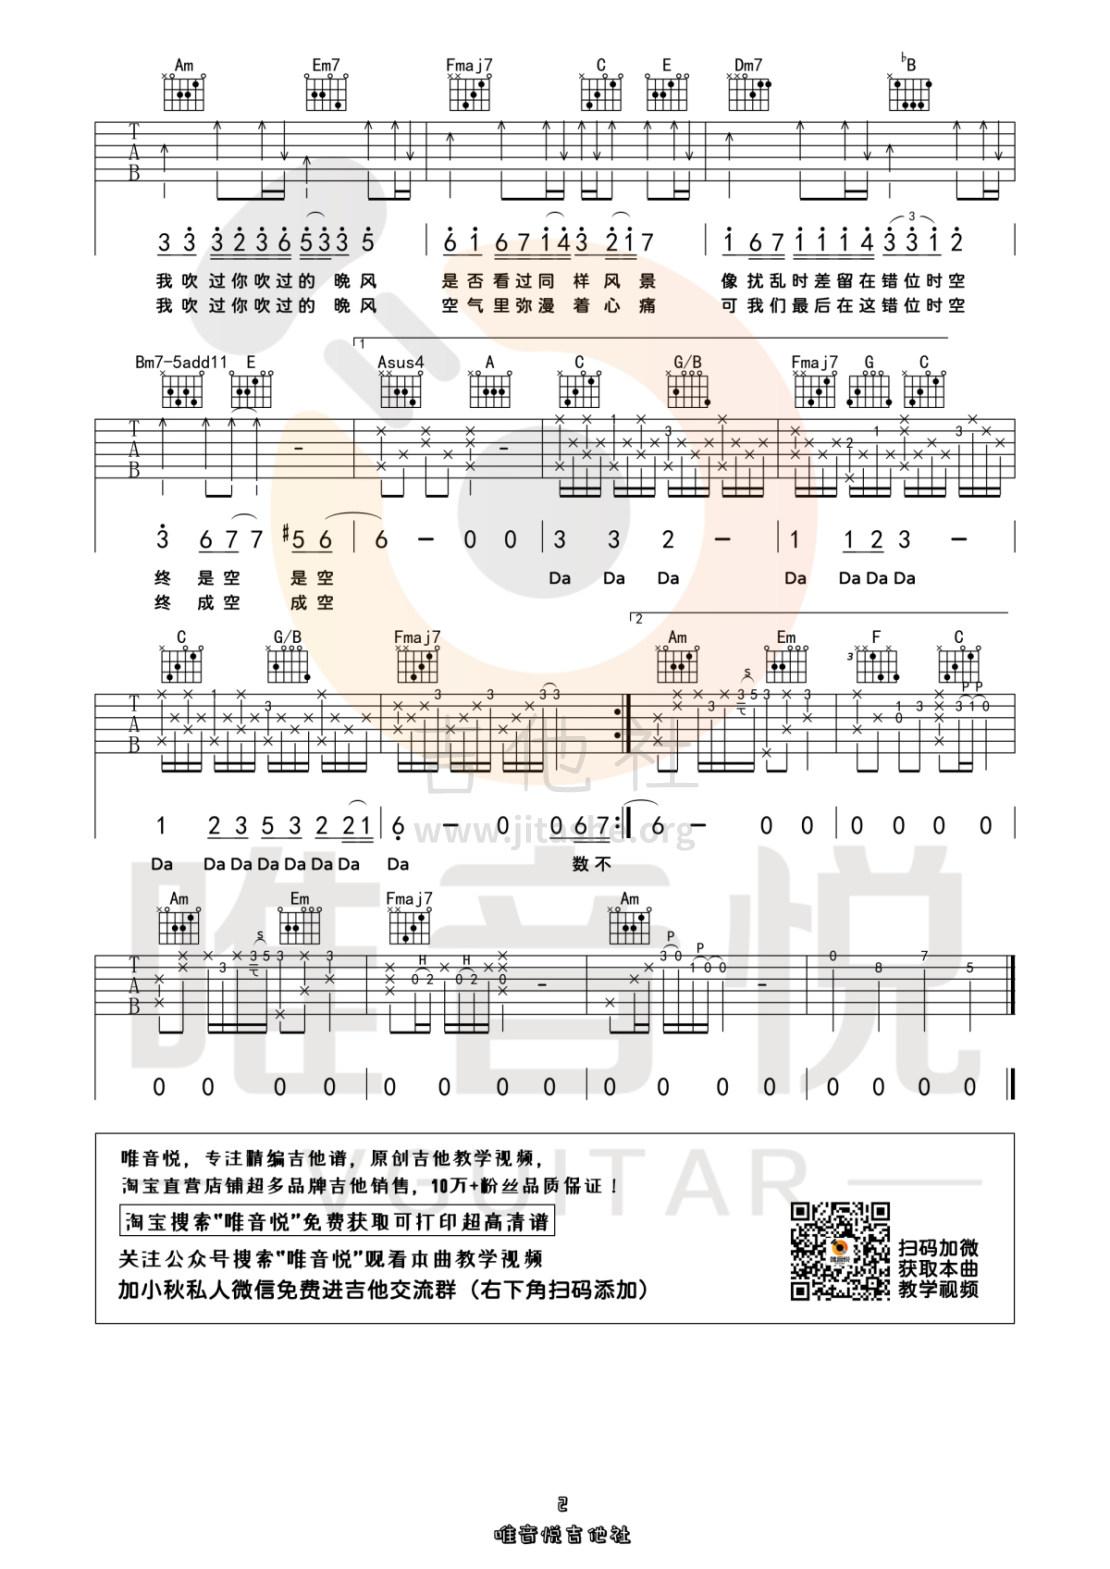 打印:错位时空 (原版简单吉他谱 唯音悦制谱)吉他谱_艾辰_错位时空02.jpg